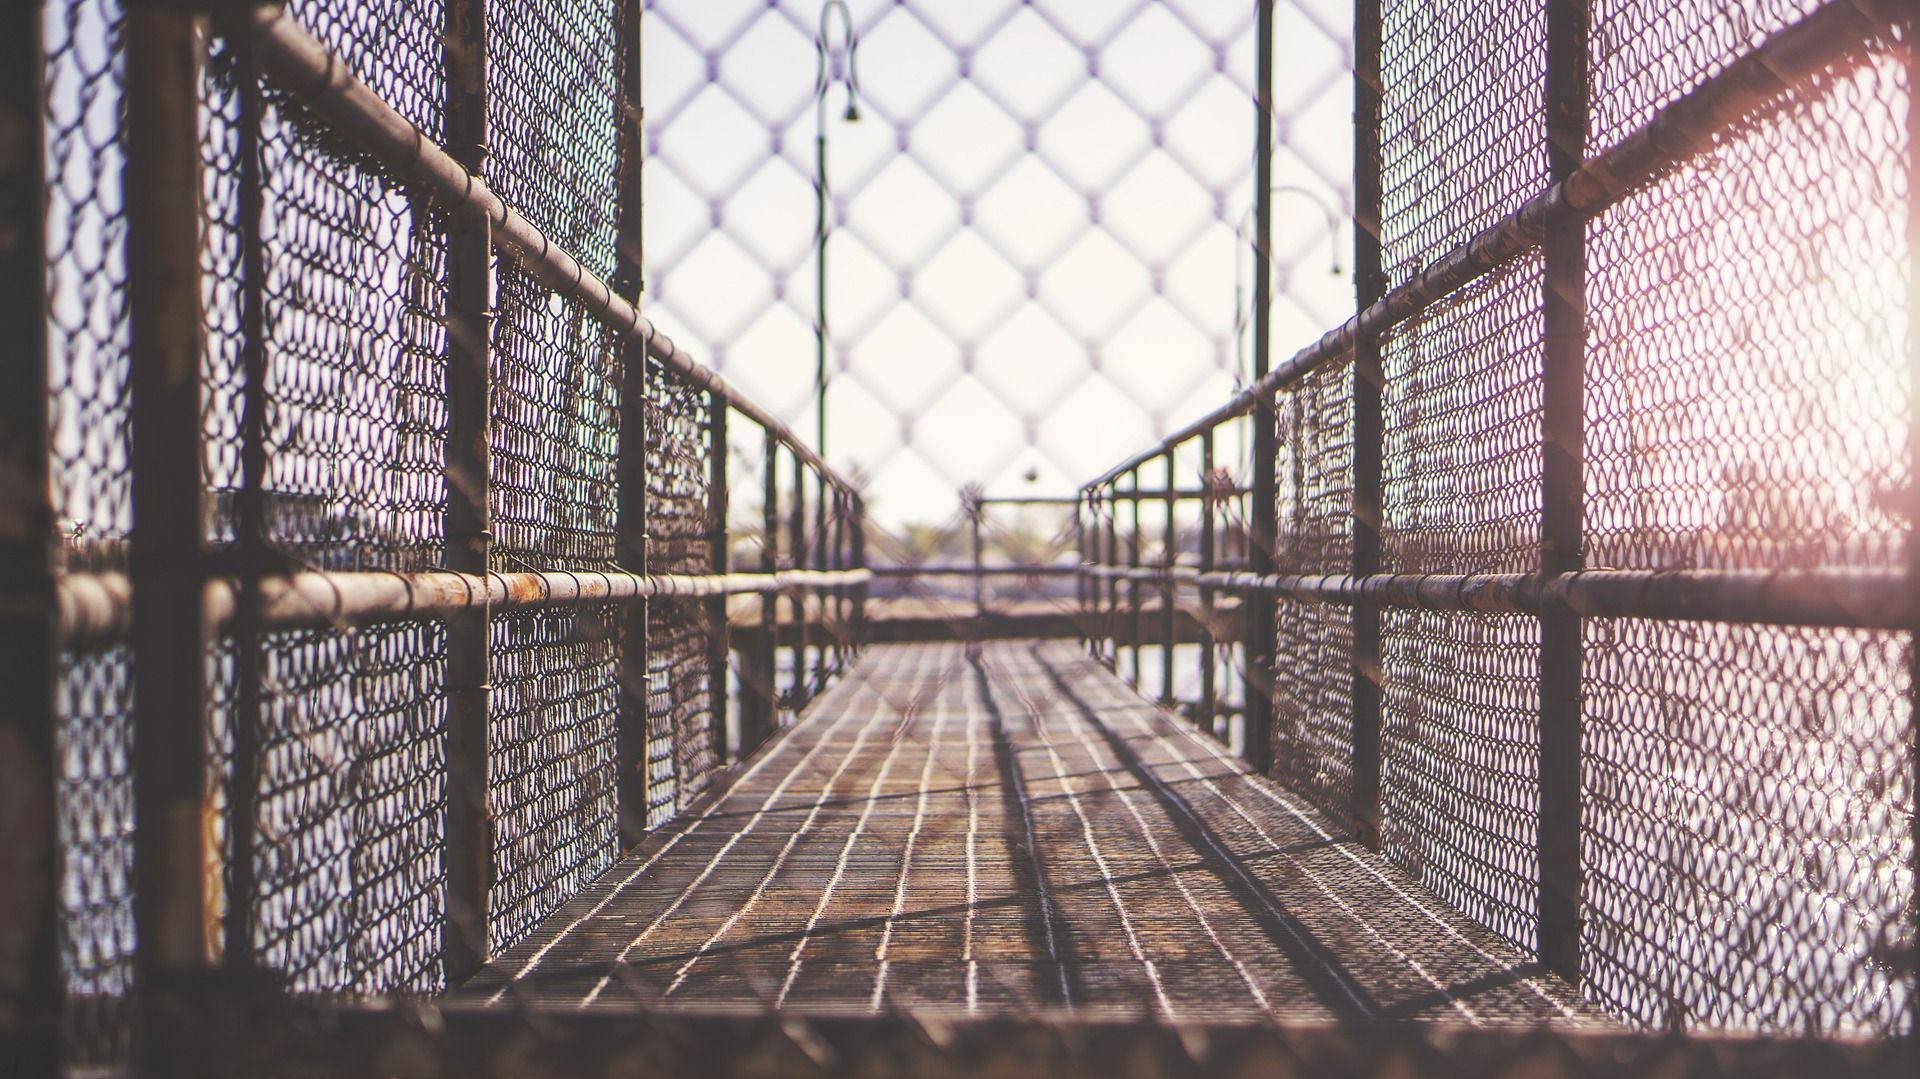 UŽAS U ARGENTINI Šest godina u kavezu držao ženu i autističnog sina